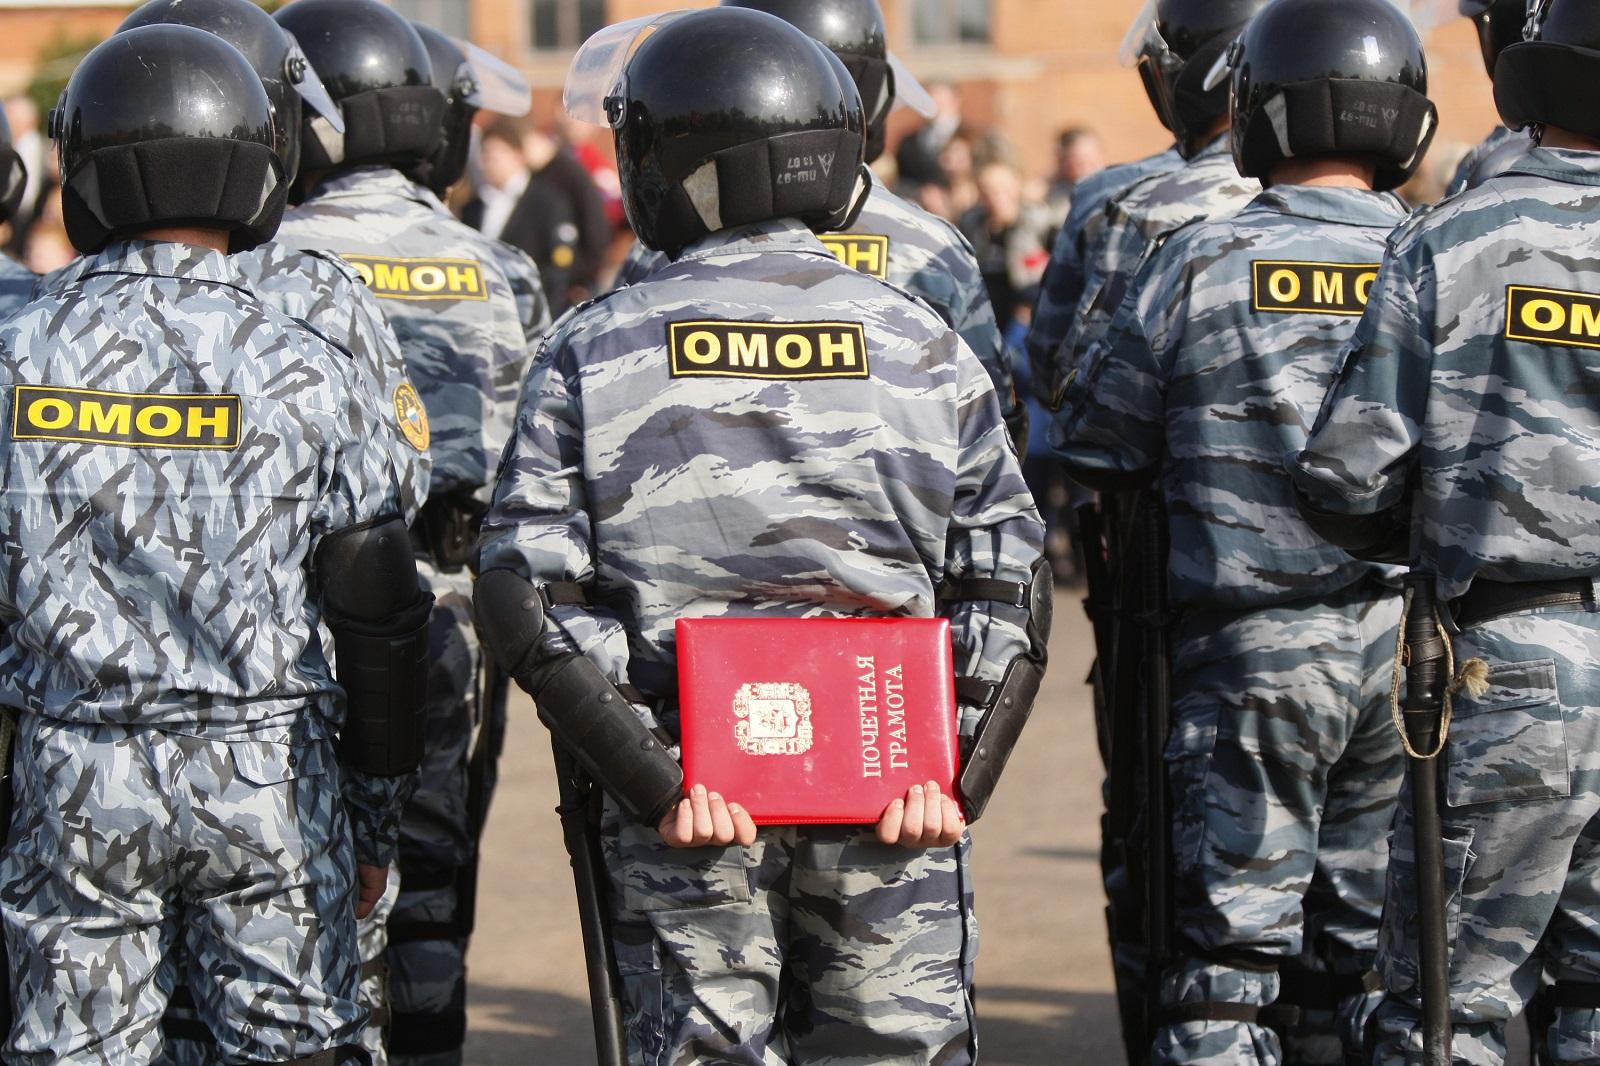 день омона в россии: когда и как отмечается, история и традиции